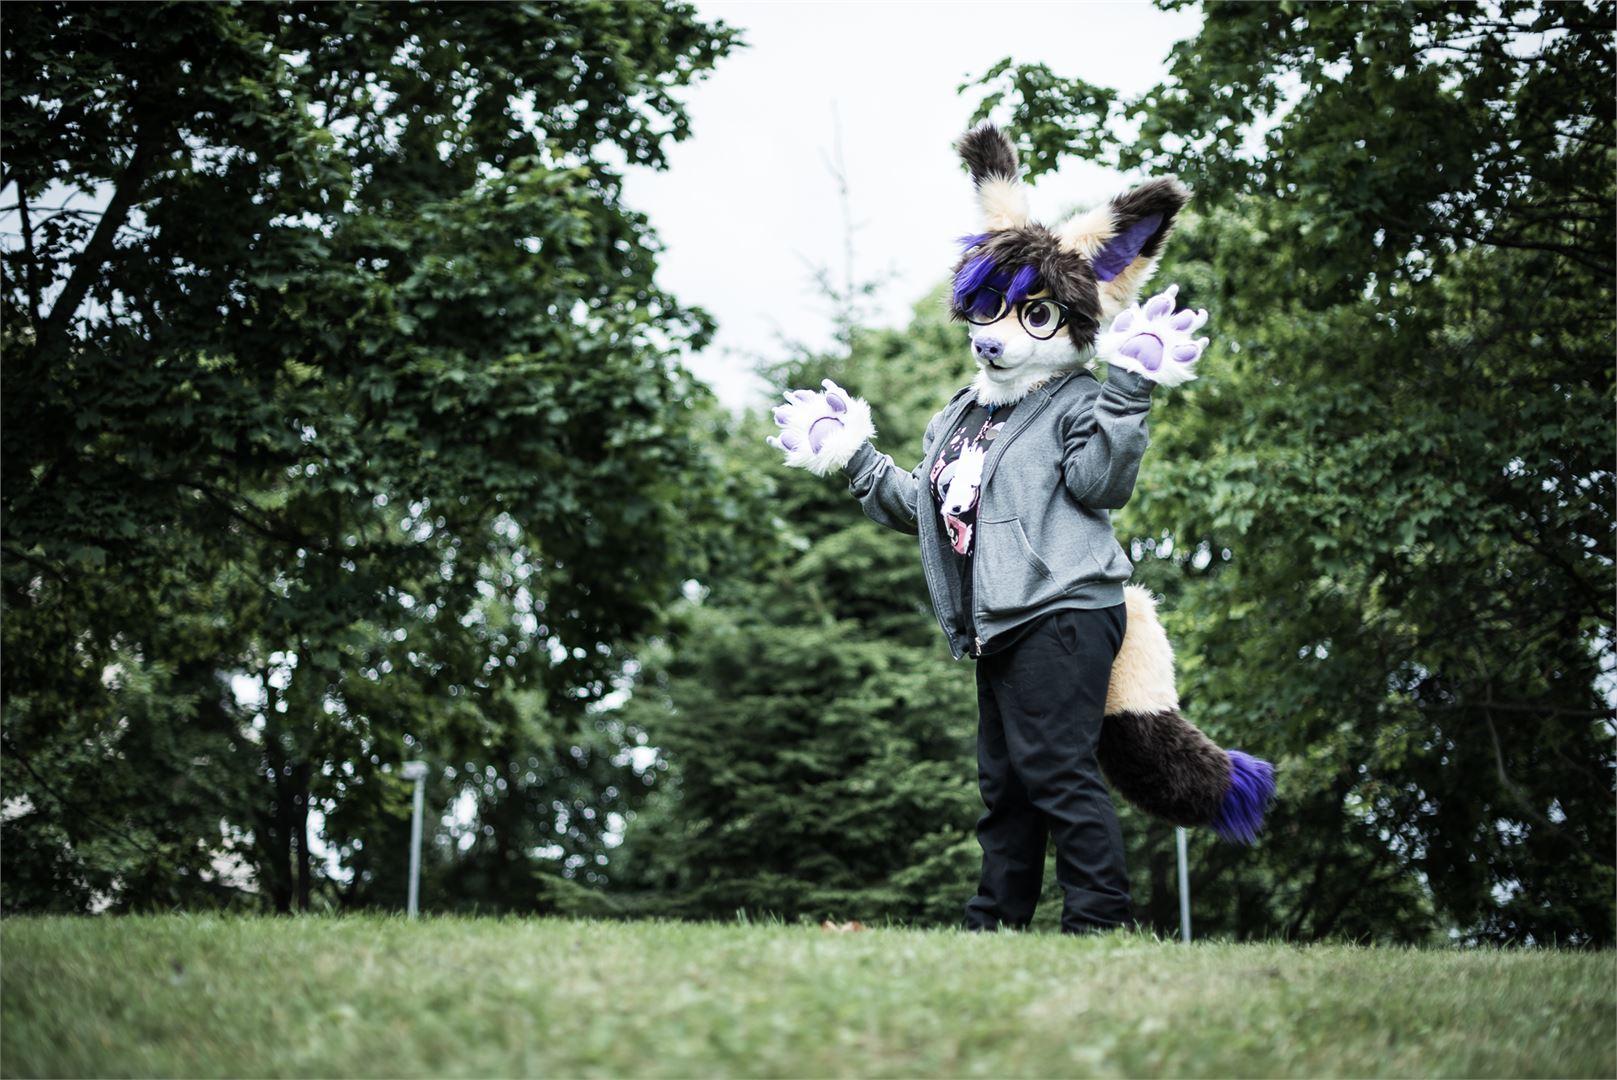 Suomessakin järjestetään yksi fursuit-tapahtuma, Finfur animus. Tapahtuma pitää sisällään esimerkiksi leikkejä, tanssikilpailuja ja paneelikeskusteluja.